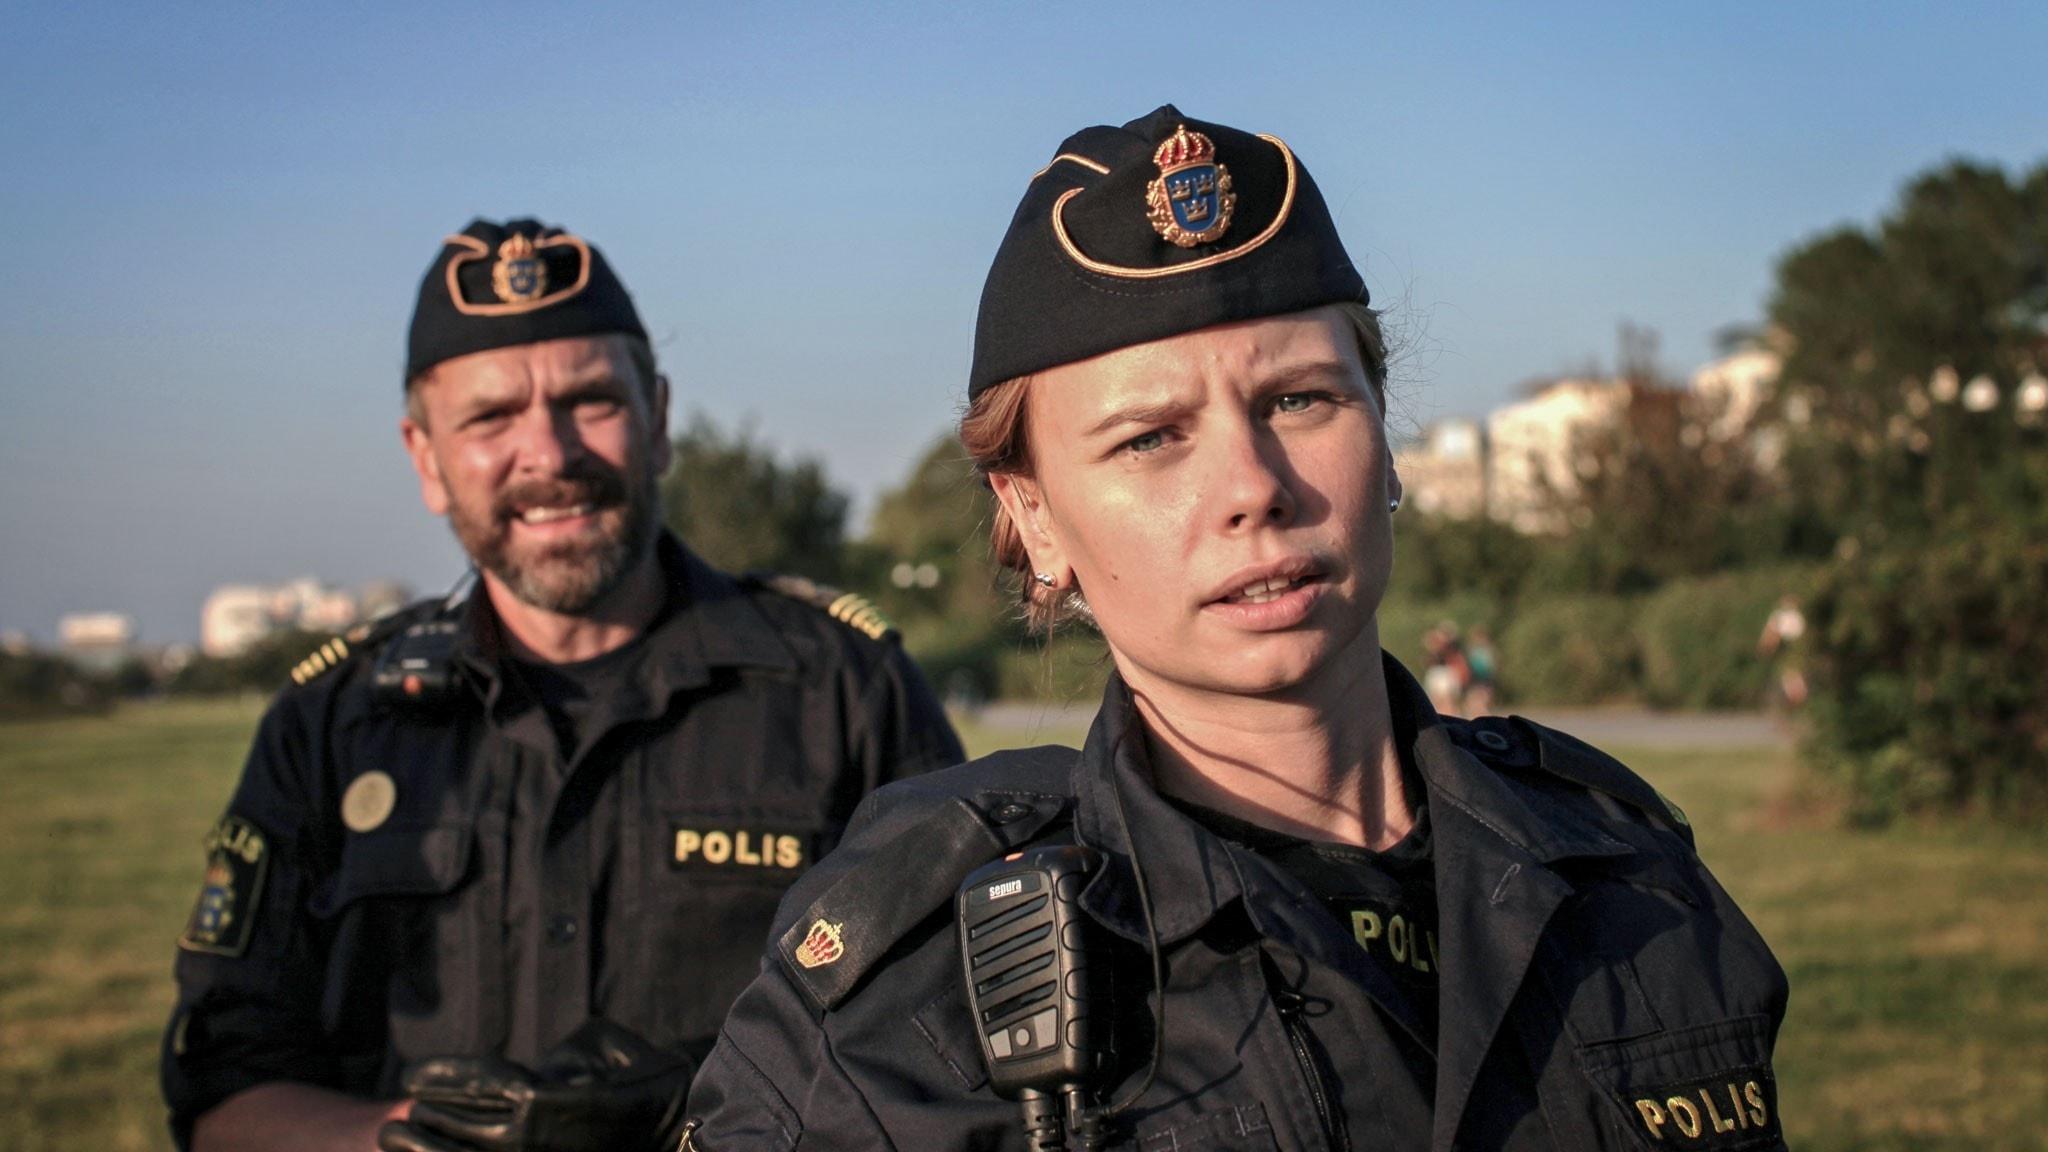 En kvinnlig och en manlig polis står utomhus och blickar in i kameran.